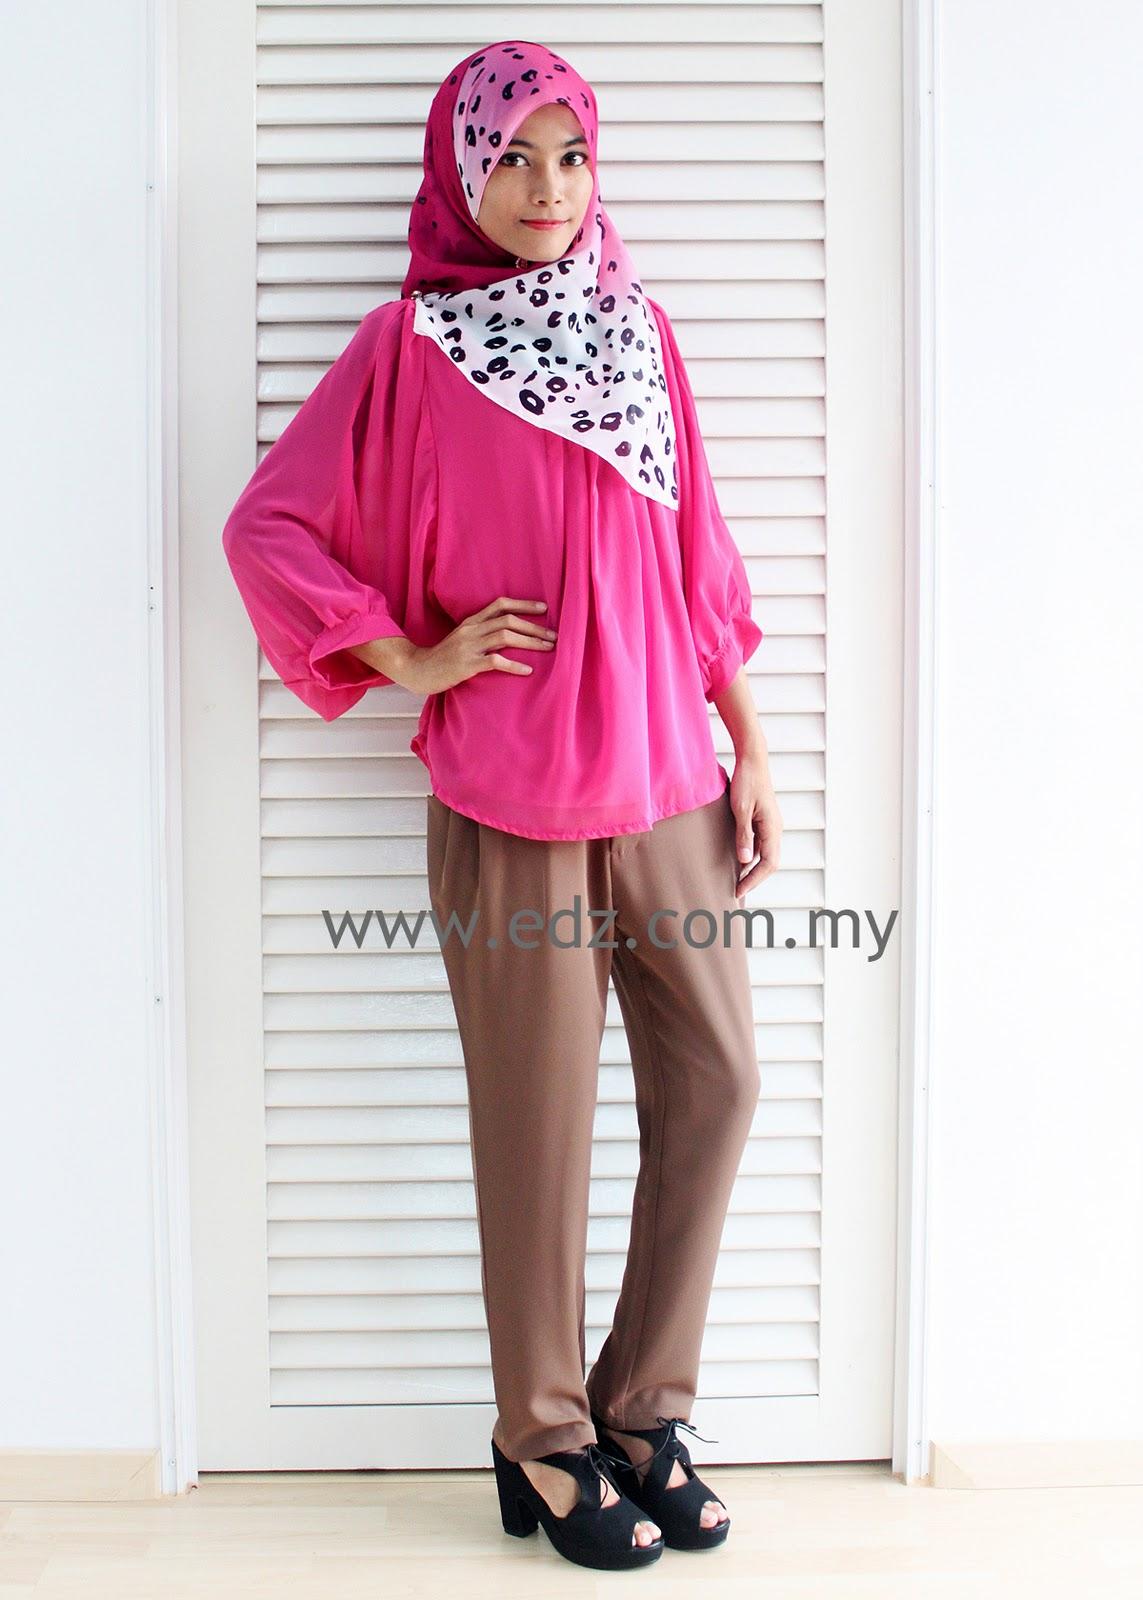 http://2.bp.blogspot.com/-jiJbCqNPbXs/TvFBkec_qDI/AAAAAAAAHvU/nIWcjQly7-c/s1600/blouse-bat-wing-hot-pink-1.jpg